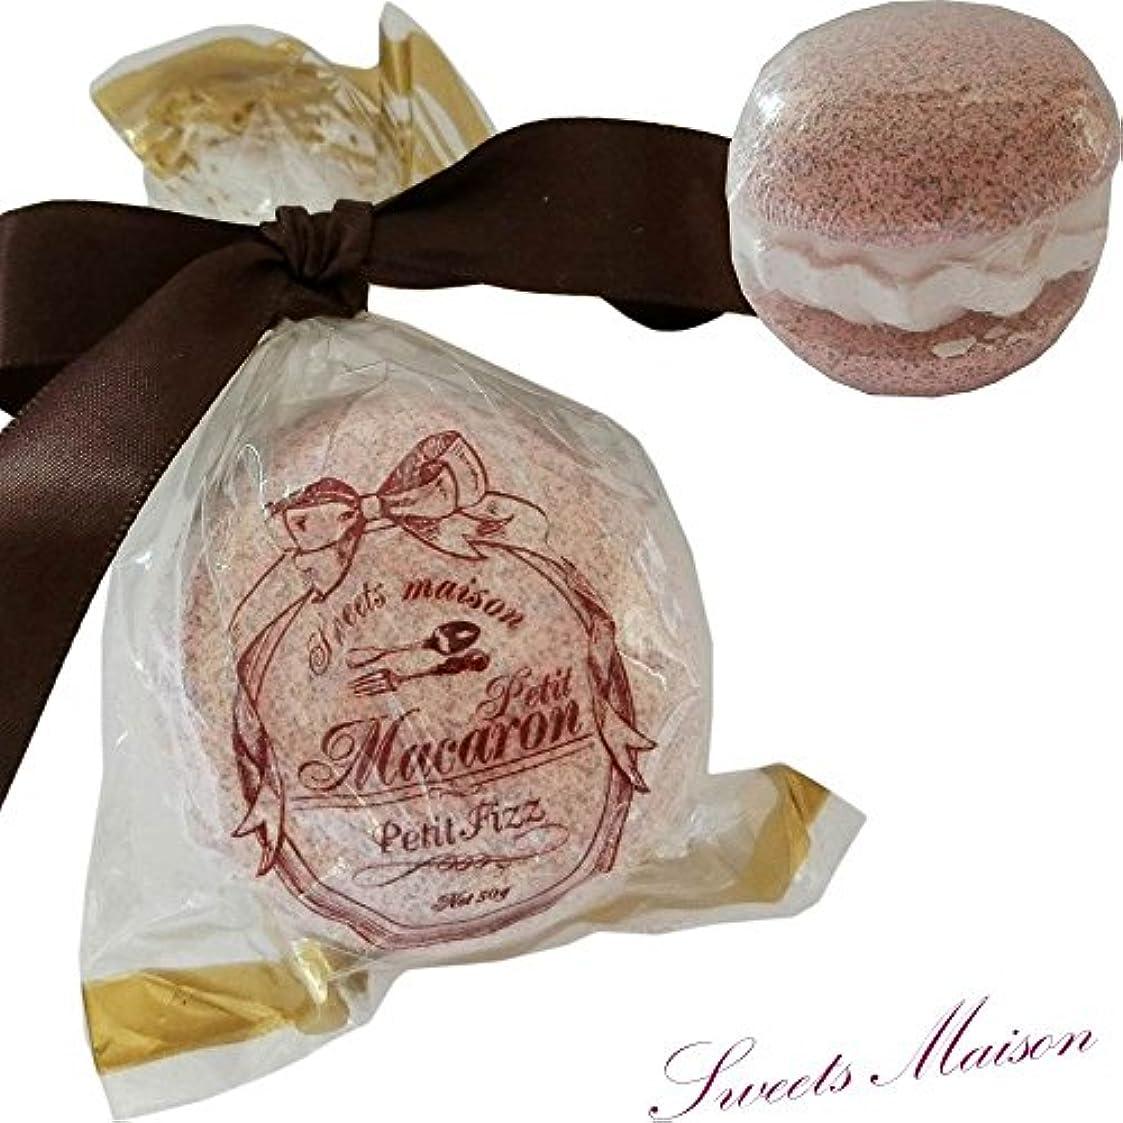 更新する学校作る【Sweets Maison】プチマカロンフィズ ビターなマンダリン&チョコレートの香り 1個